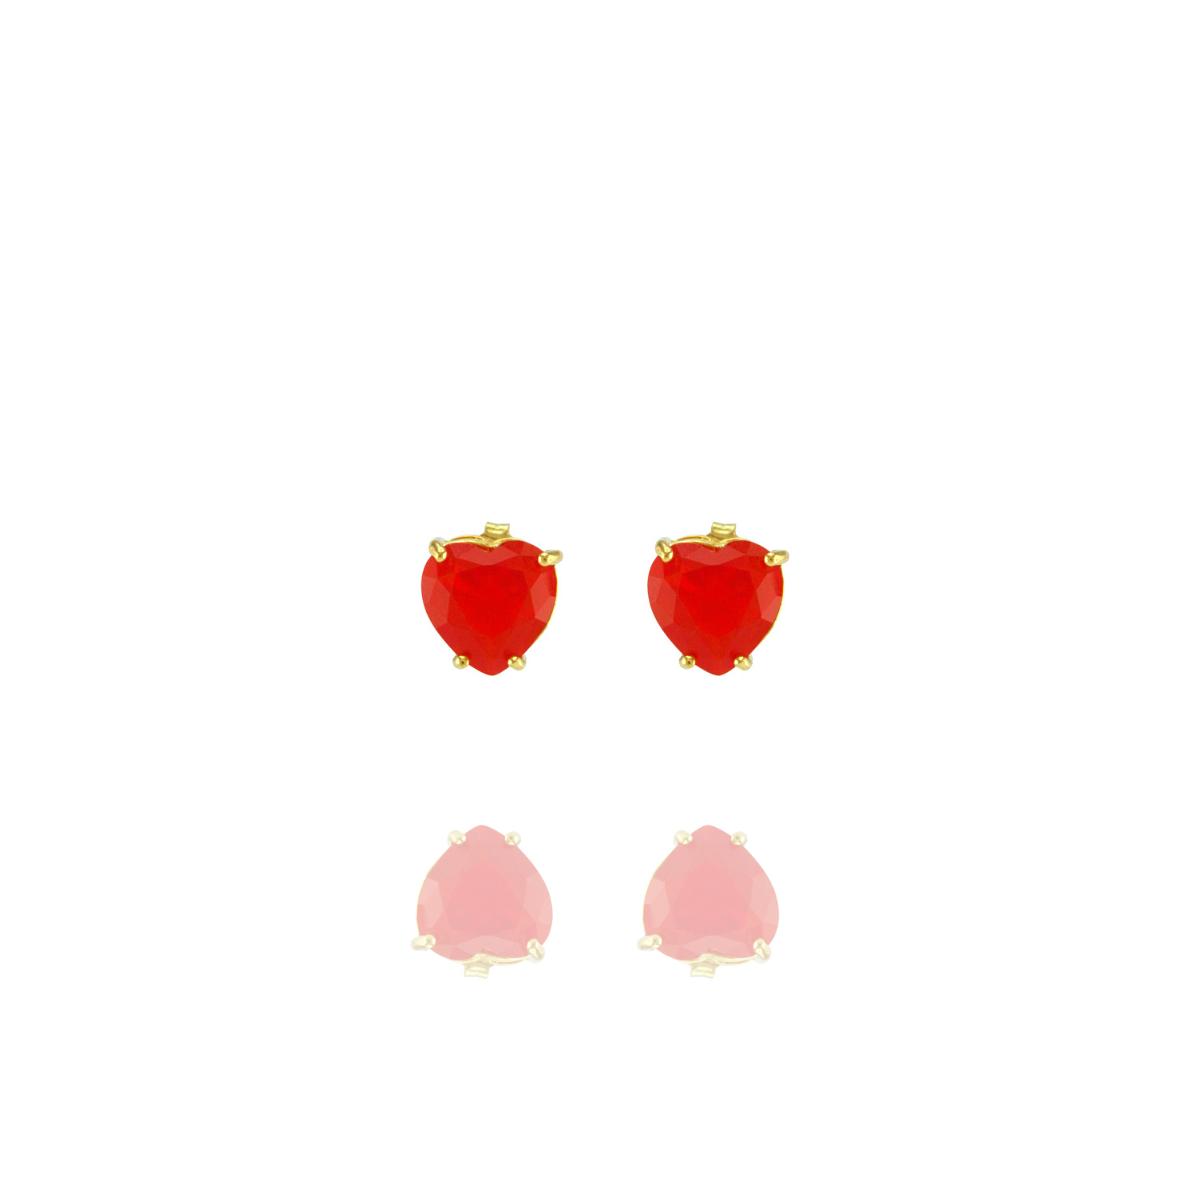 Brinco Barbara Strauss Coração Quartzo Vermelho